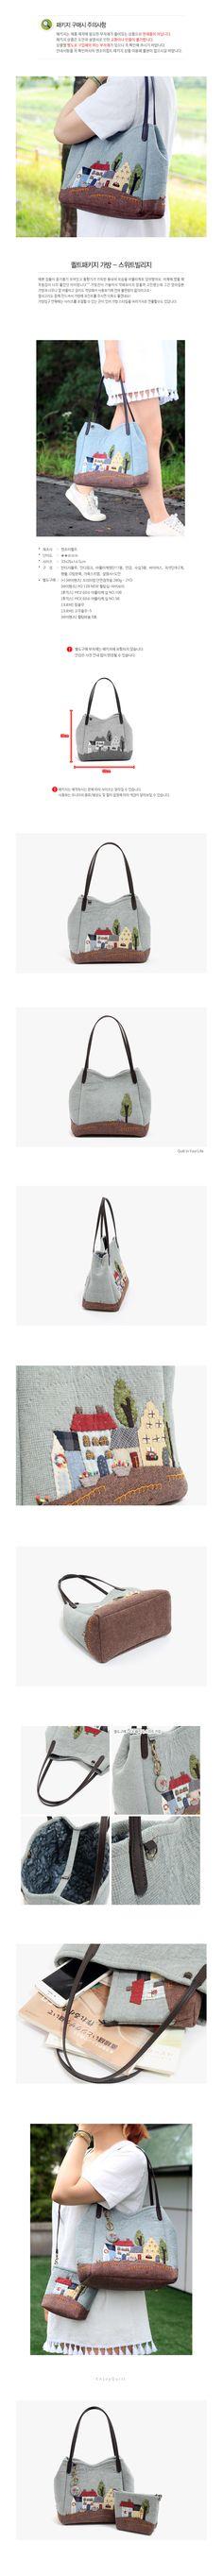 엔조이퀼트 [엔조이퀼트] 퀼트패키지 가방 - 스위트빌리지